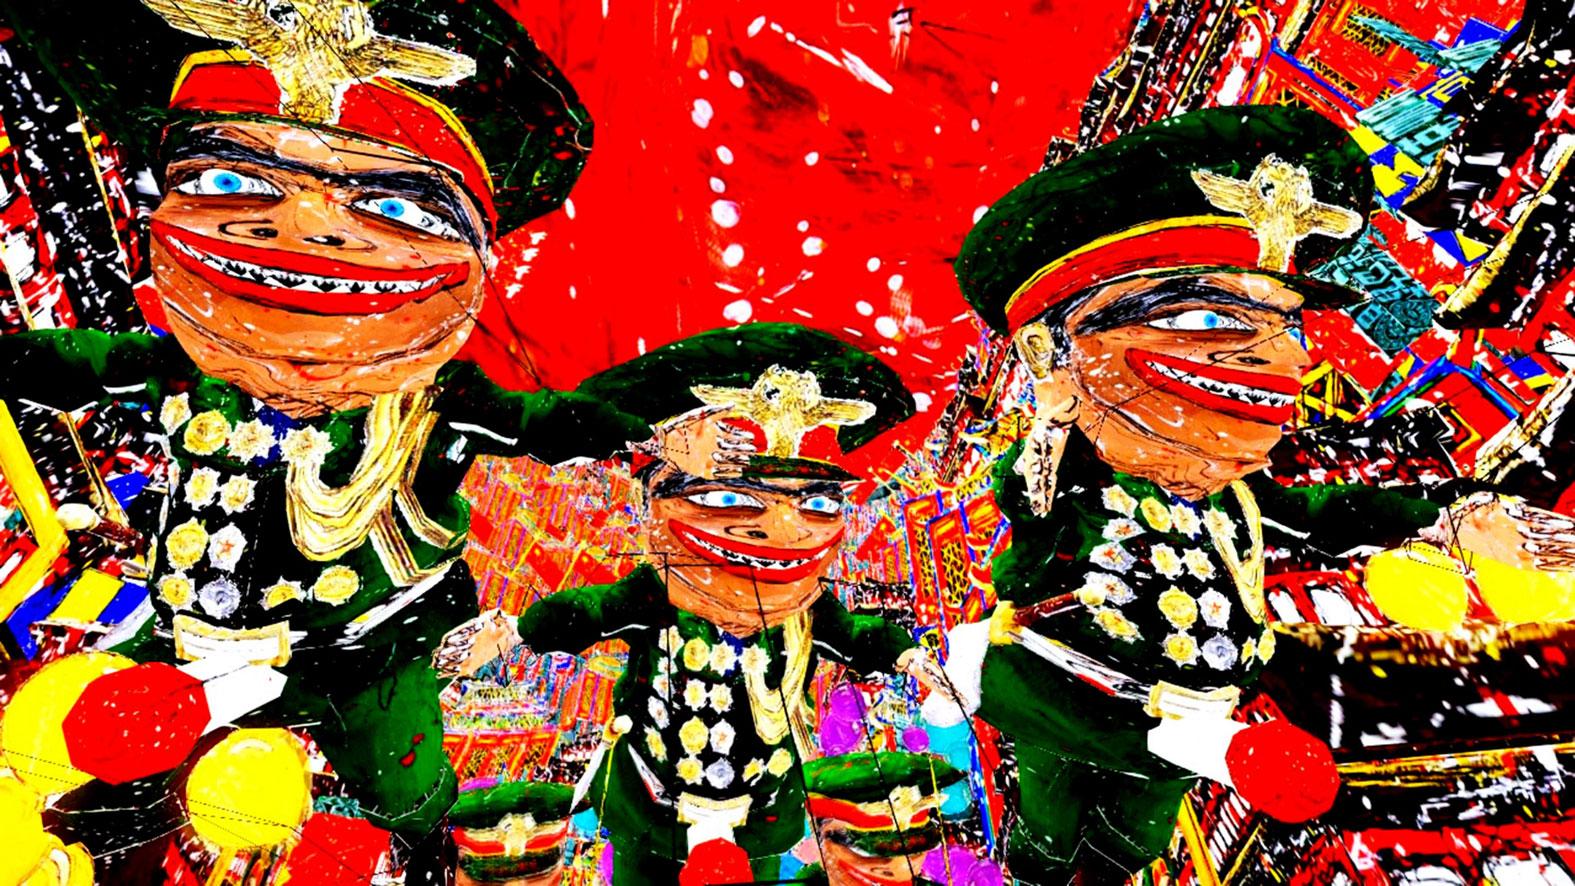 A Song Of Tryanny (Canción de tiranía), 2012, de Federico-Solmi.